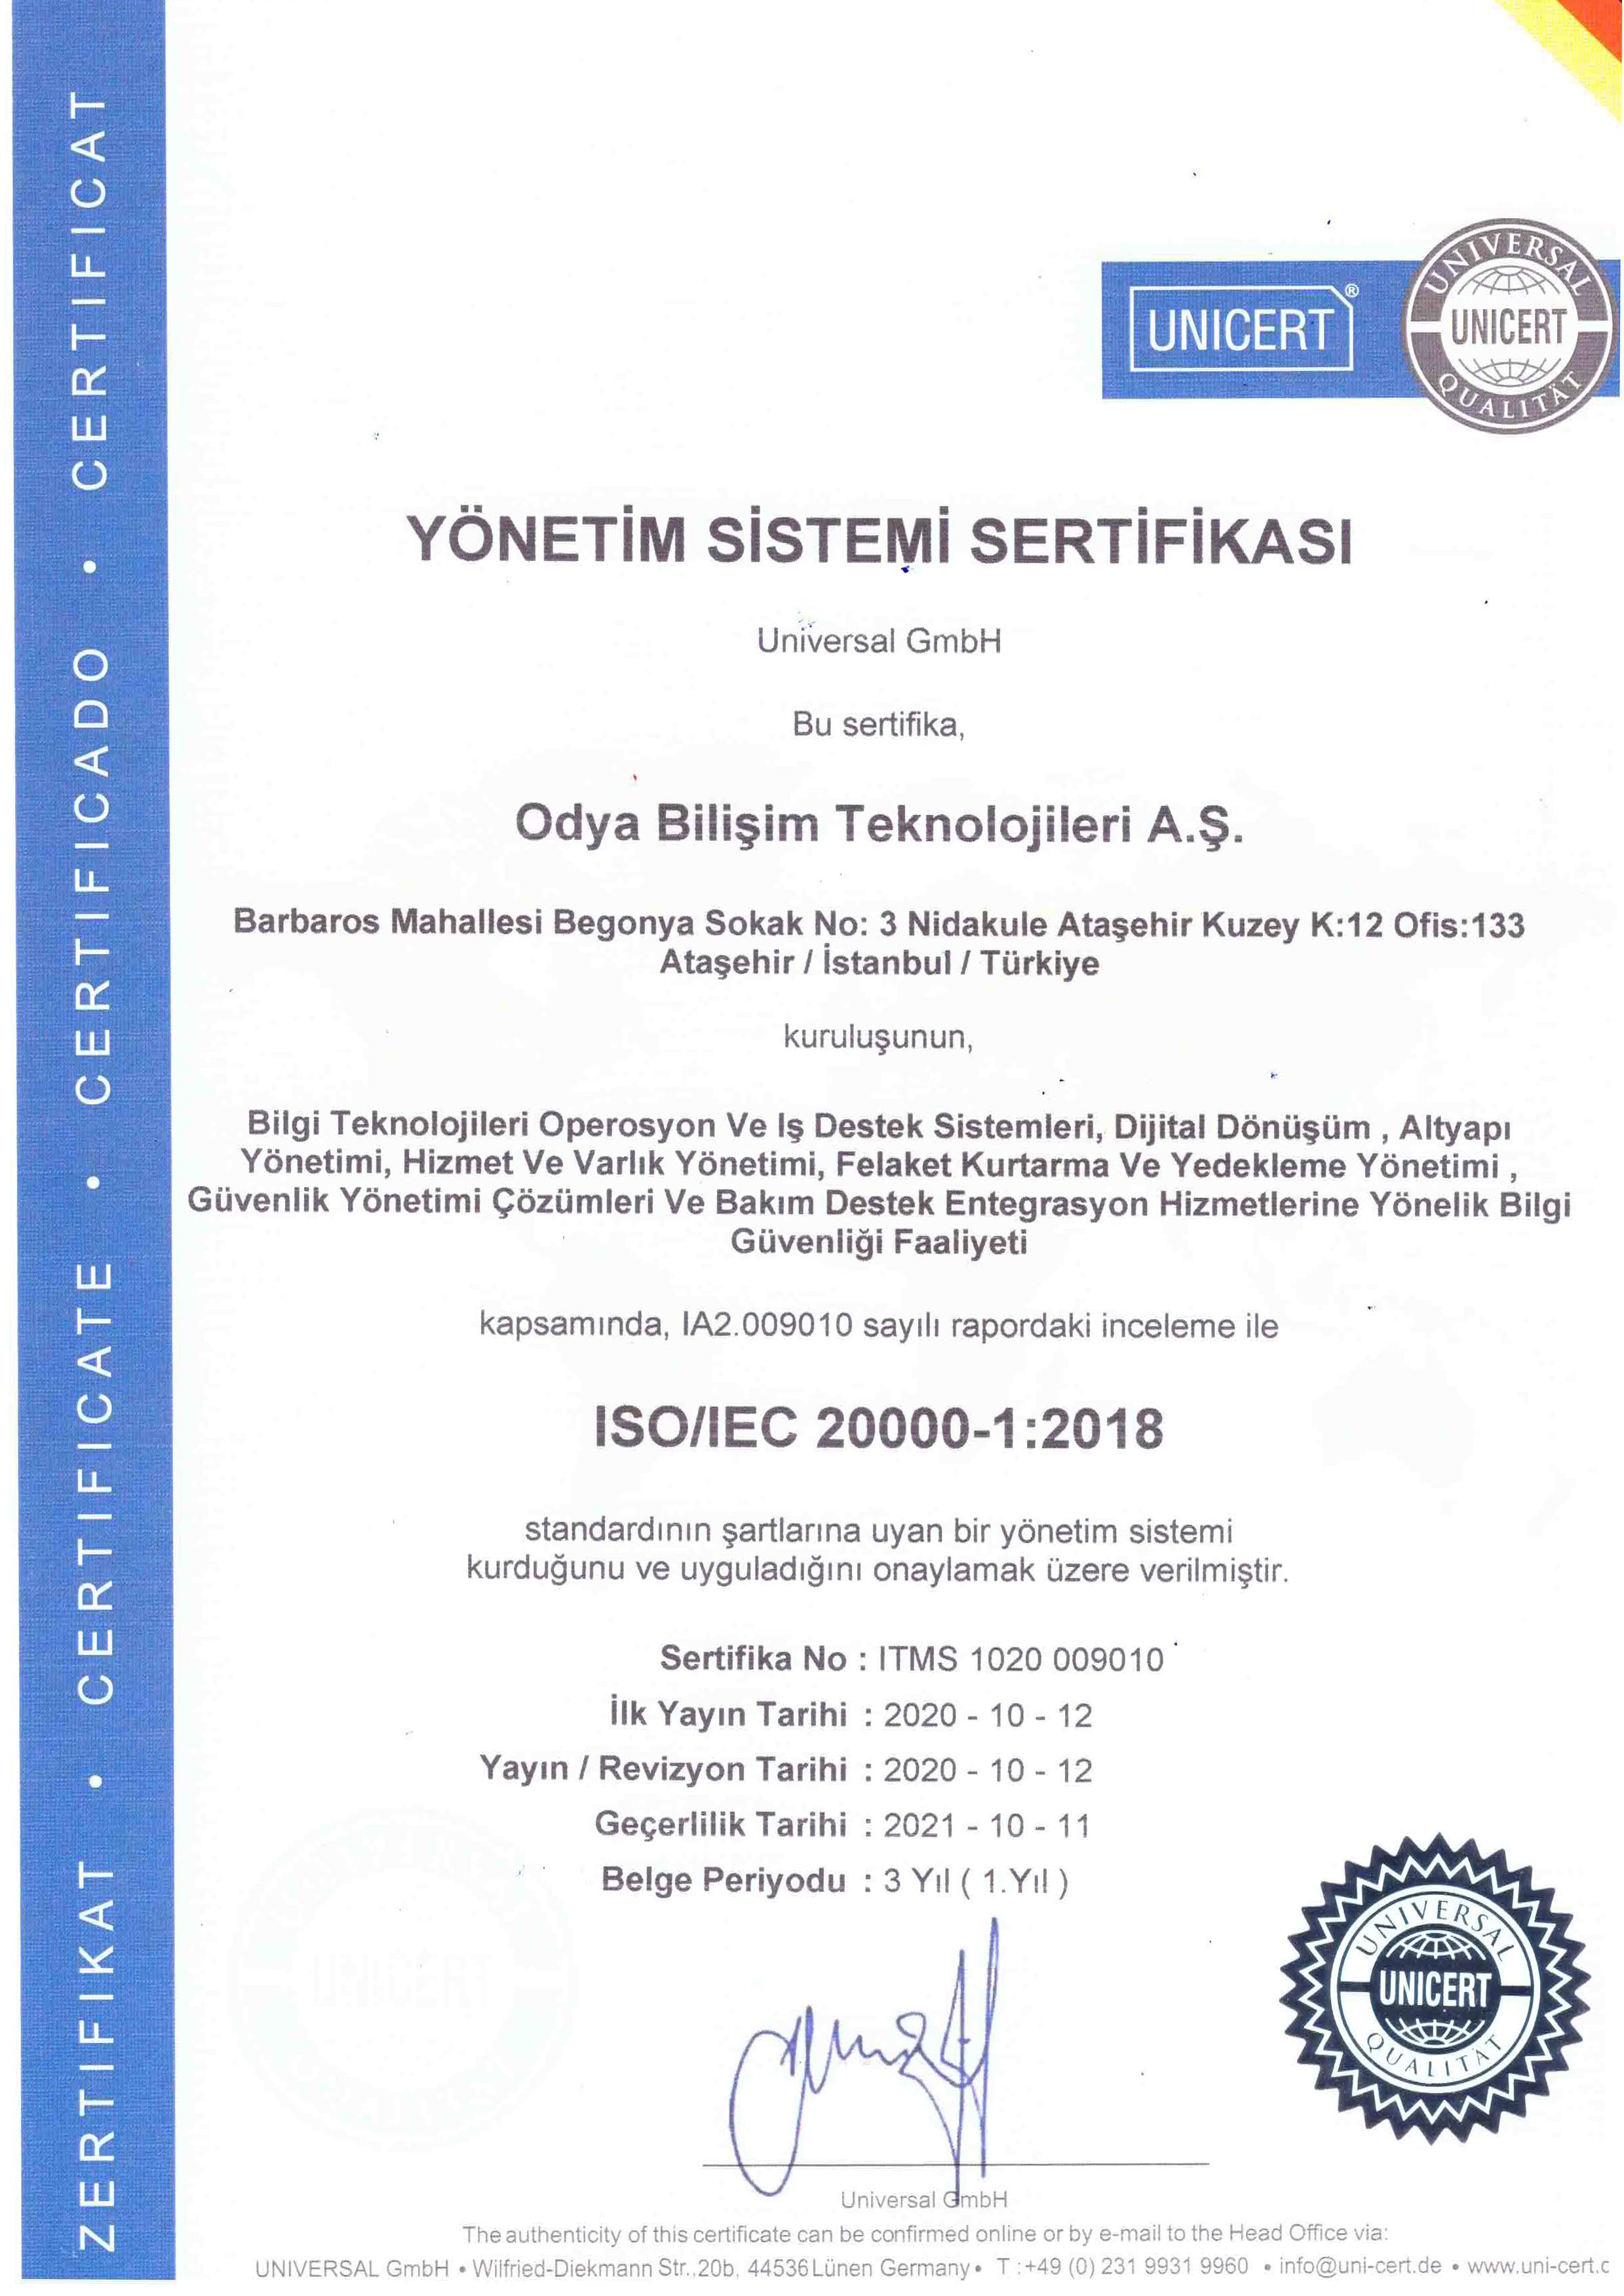 ISO 20000 BT Hizmet Yönetimi Sertifikası